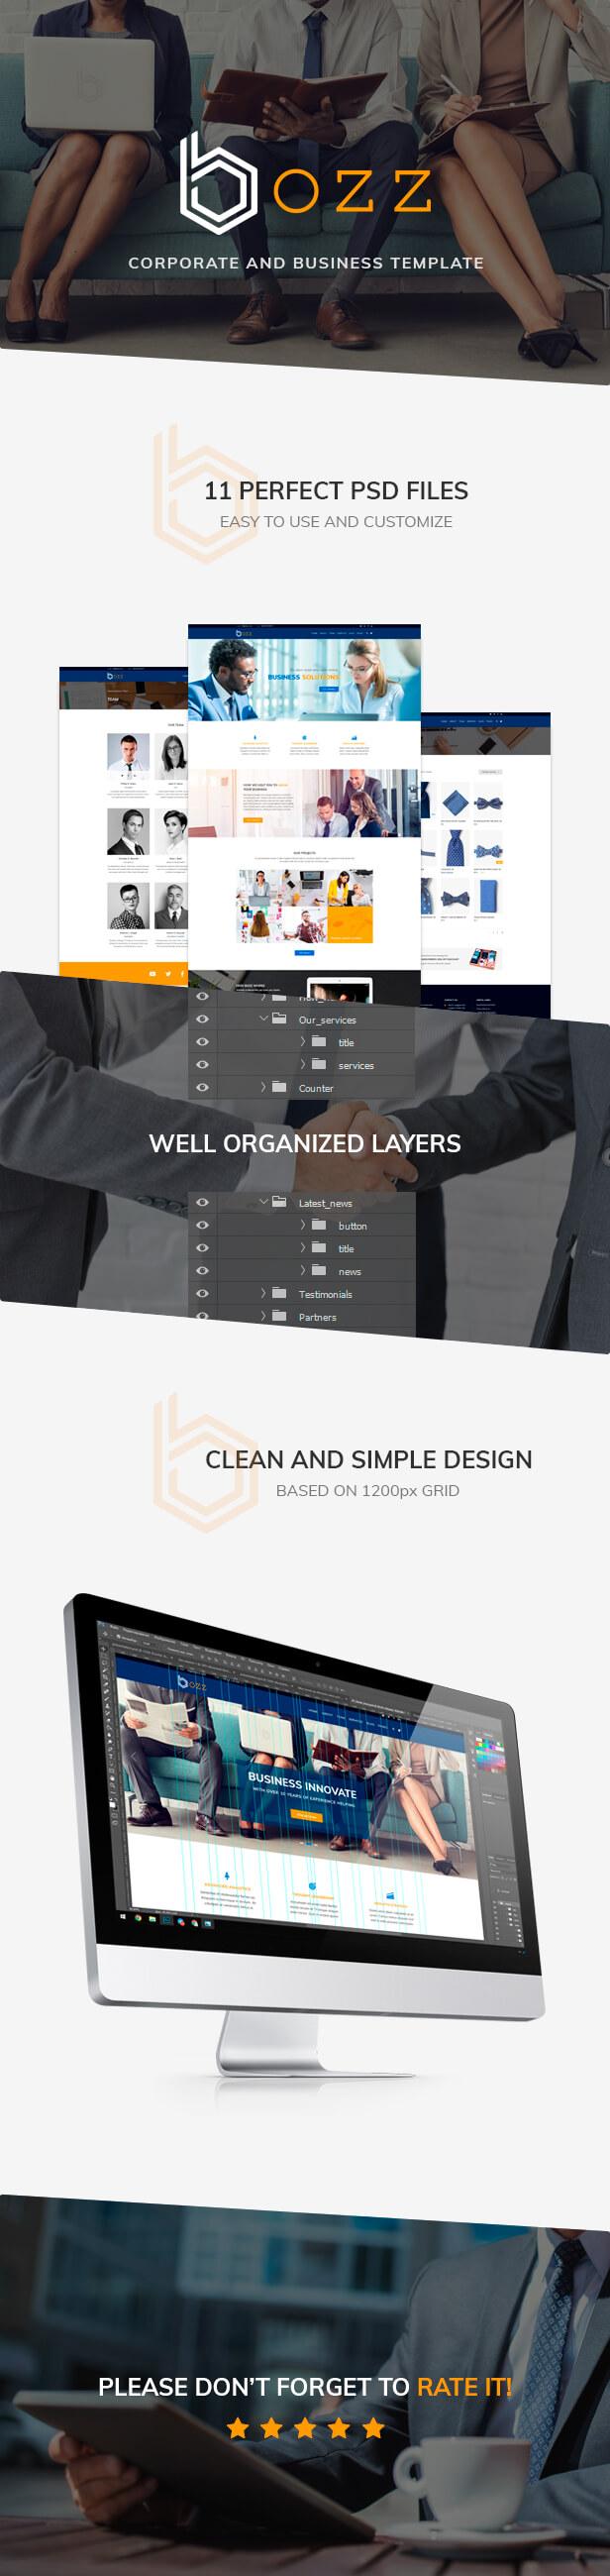 Bozz psd template - presentation